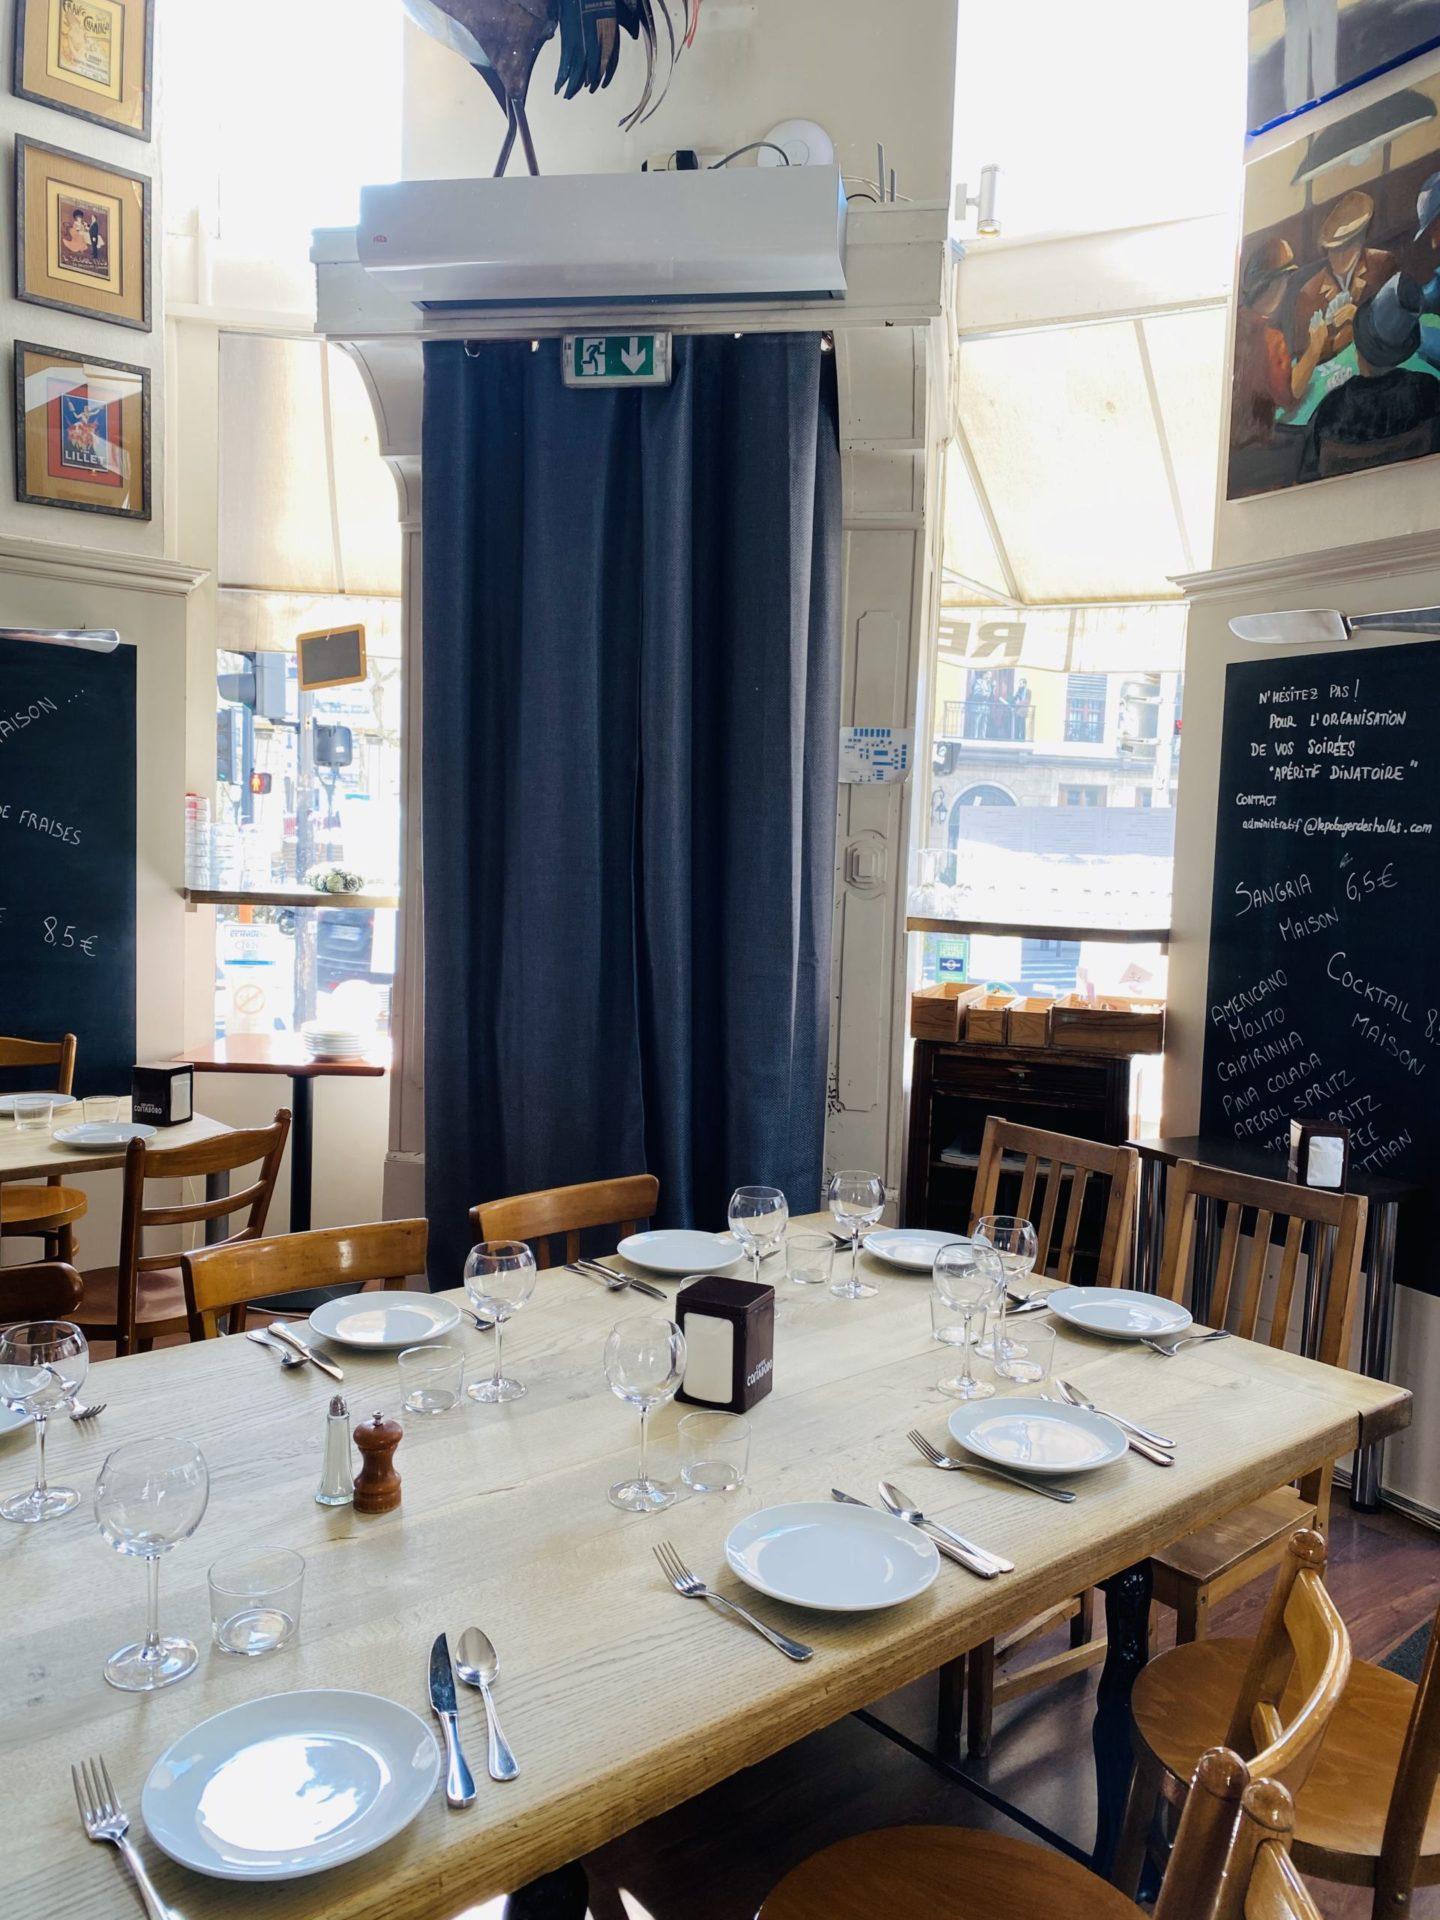 Le-potager-des-halles-restaurant-lyon4